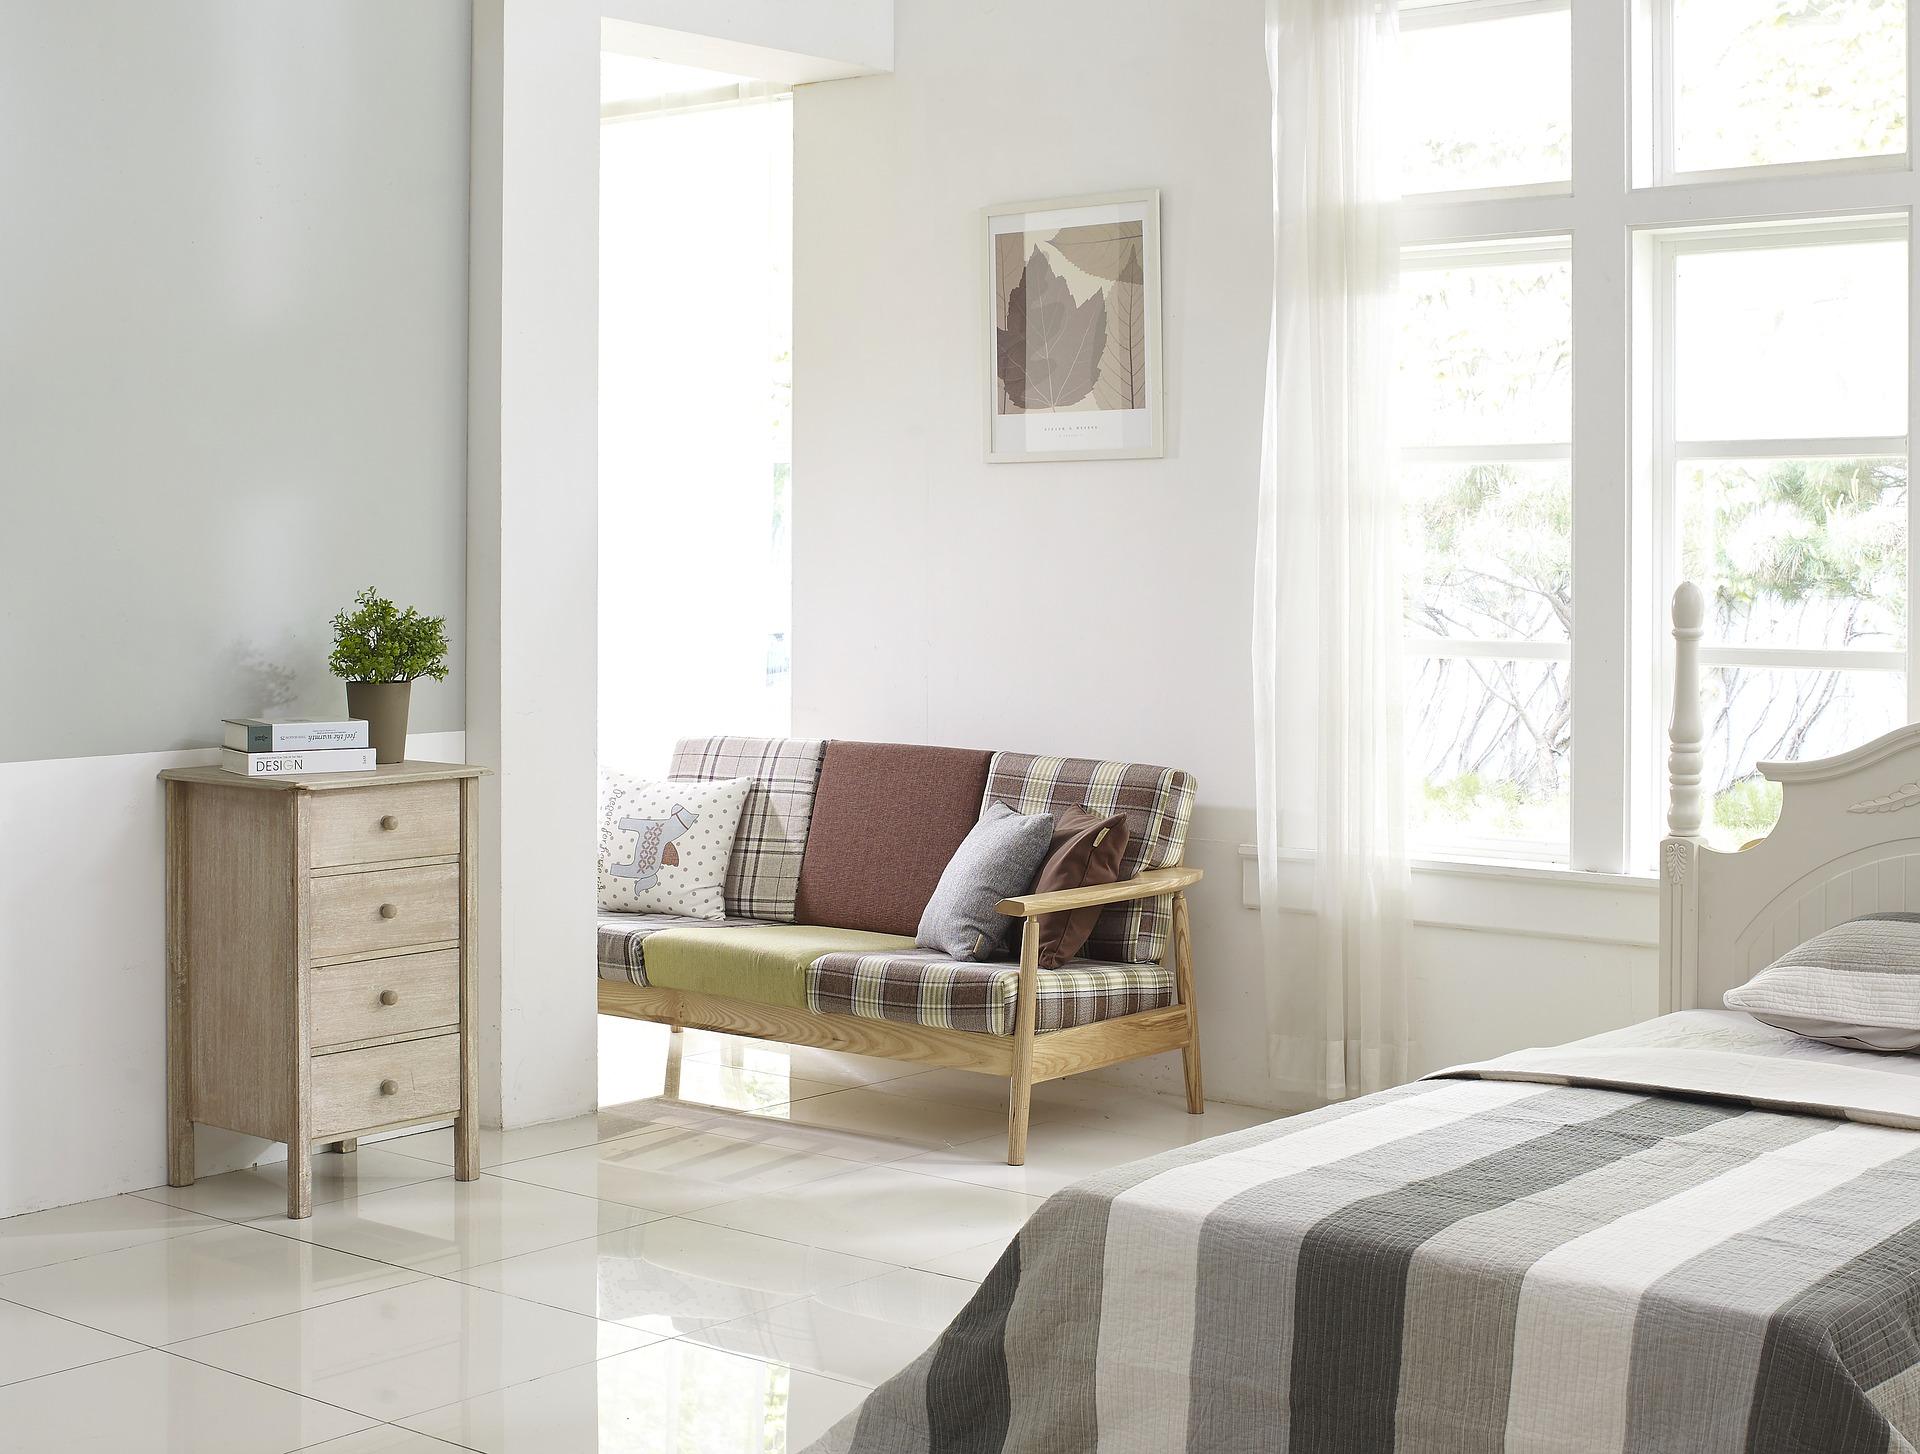 zimmer unterm dach einrichten. Black Bedroom Furniture Sets. Home Design Ideas